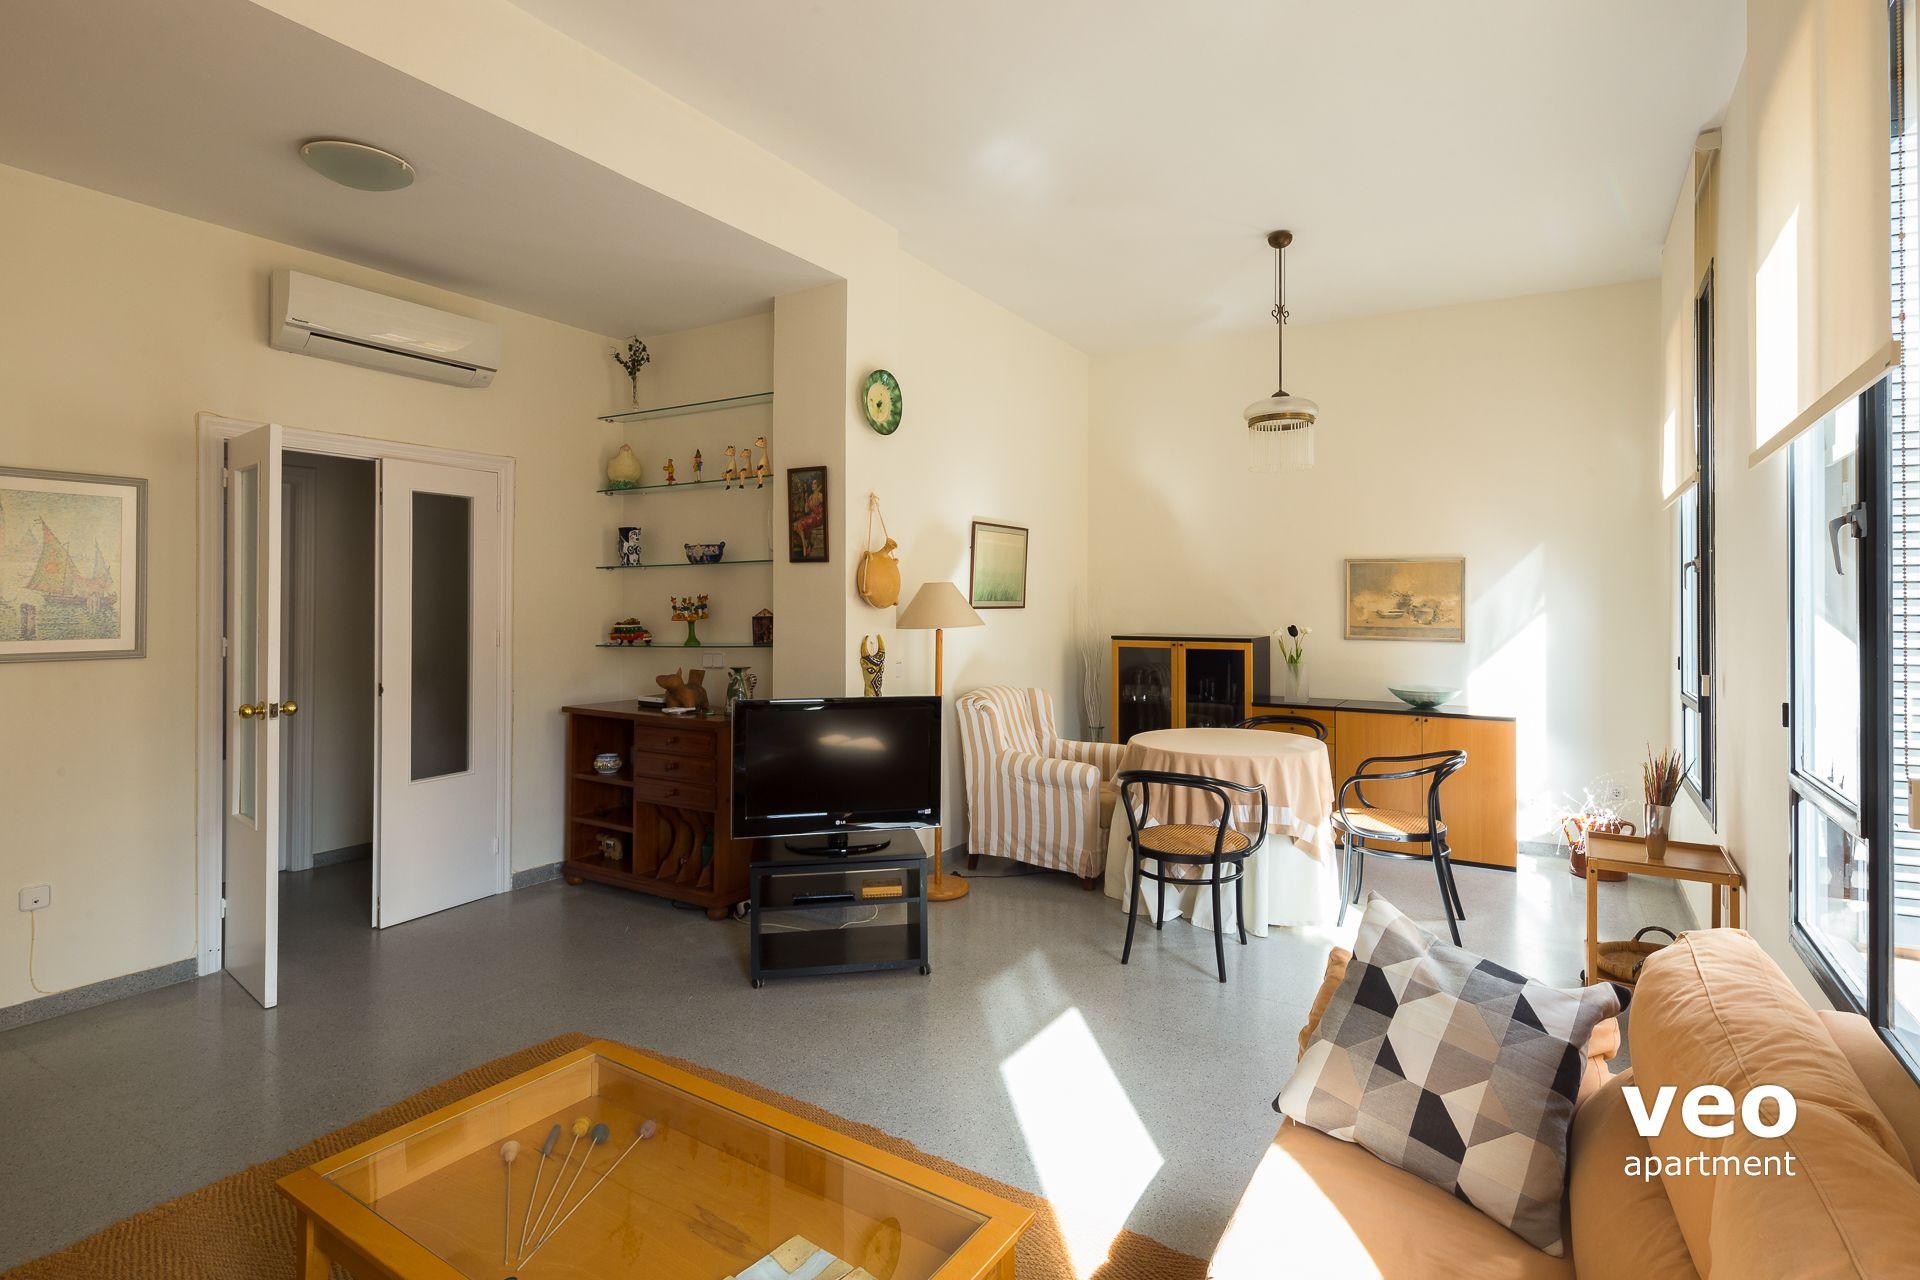 Sevilla apartmento calle san vicente sevilla espa a san for Registro bienes muebles sevilla